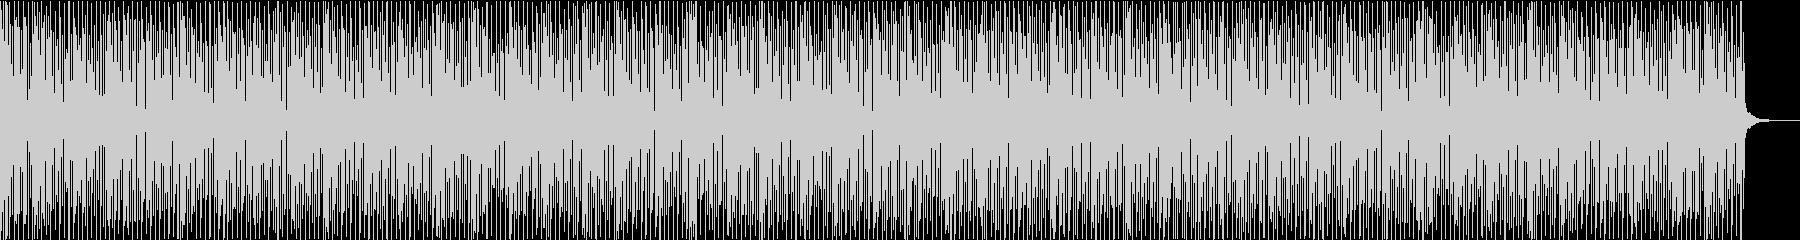 映像・ゲーム向けエレクロトポップの未再生の波形